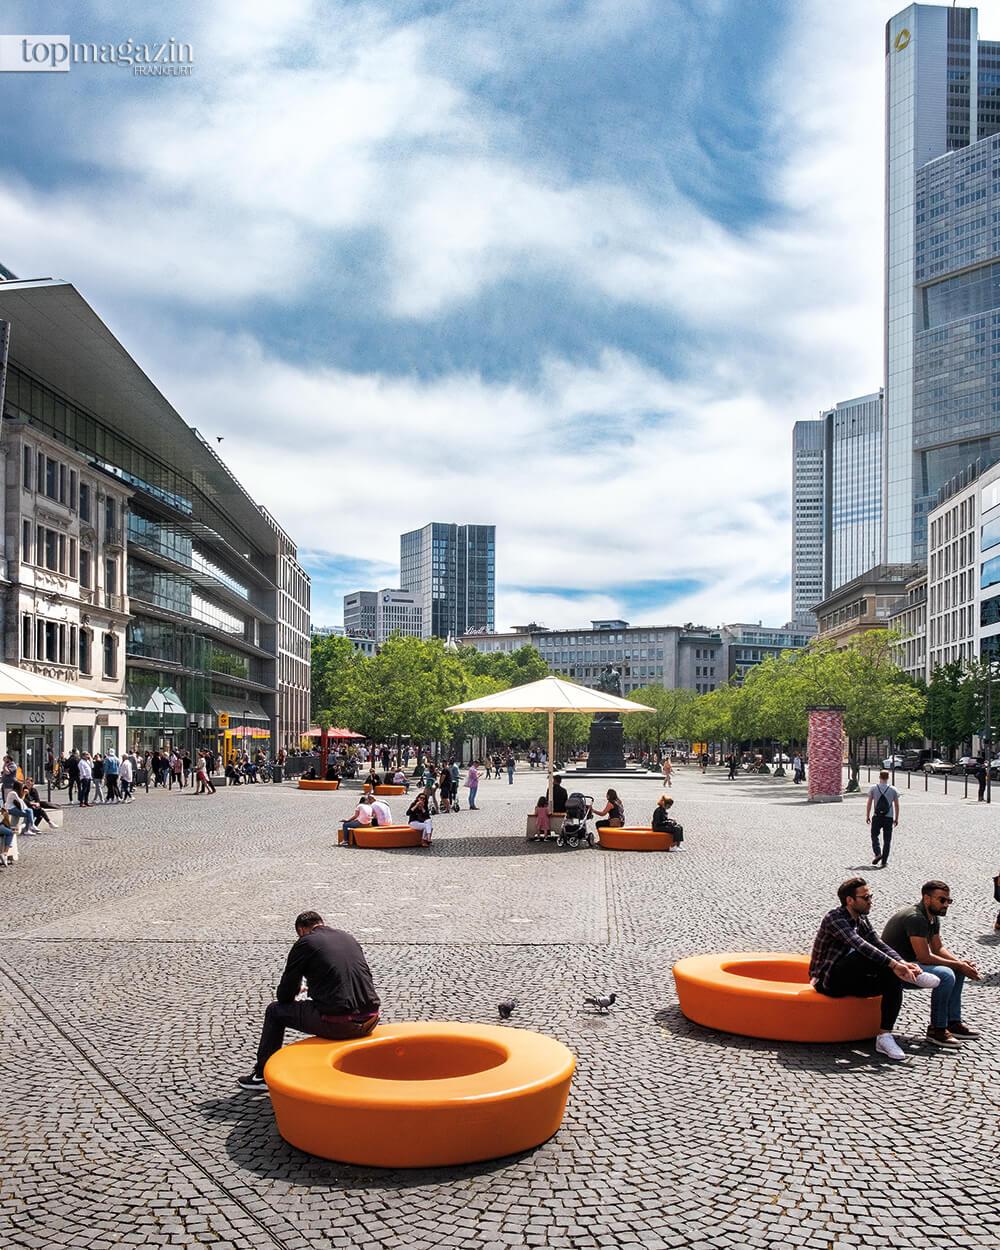 """Der Rathenauplatz 2020 - Orangene """"Hipster-Kringel"""" sollen temporär die Aufenthaltsqualität auf dem Platz verbessern."""